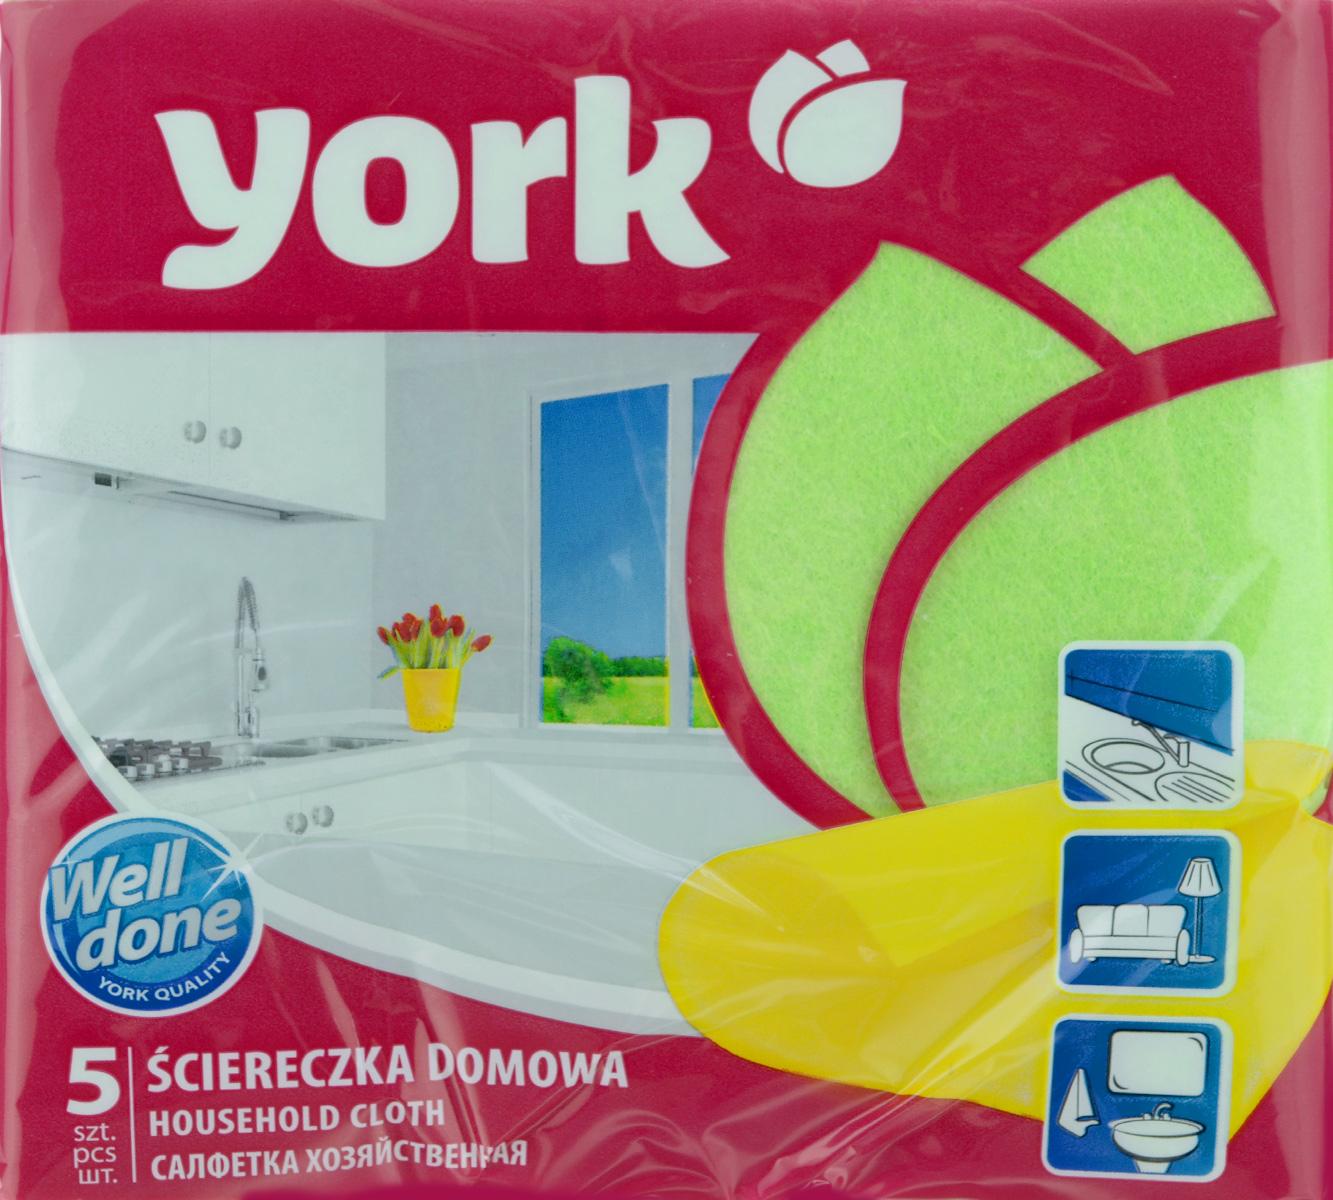 Салфетка хозяйственная York, цвет: зеленый, 35 х 35 см, 5 шт2002_зеленыйУниверсальная салфетка York предназначена для мытья, протирания и полировки. Она выполнена из вискозы с добавлением полипропиленового волокна, отличается высокой прочностью. Хорошо поглощает влагу, эффективно очищает поверхности и не оставляет ворсинок. Идеальна для ухода за столешницами и раковиной на кухне, за стеклом и зеркалами, деревянной мебелью. Может использоваться в сухом и влажном виде. В комплект входят 5 салфеток.